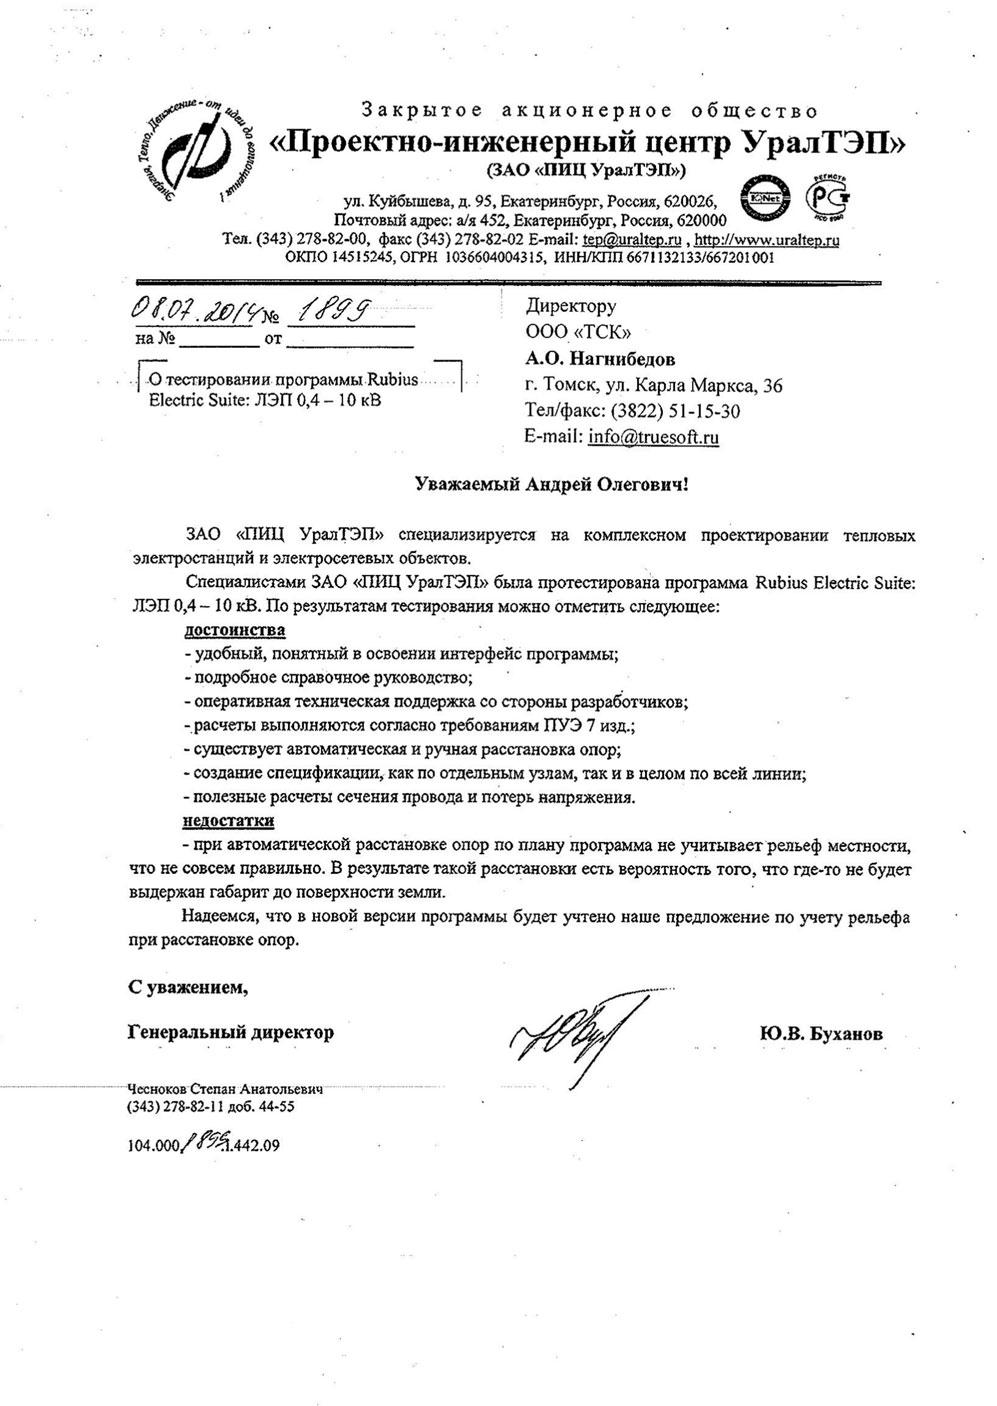 Отзыв о Rubius Electric Suite от ПИЦ УралТЭП